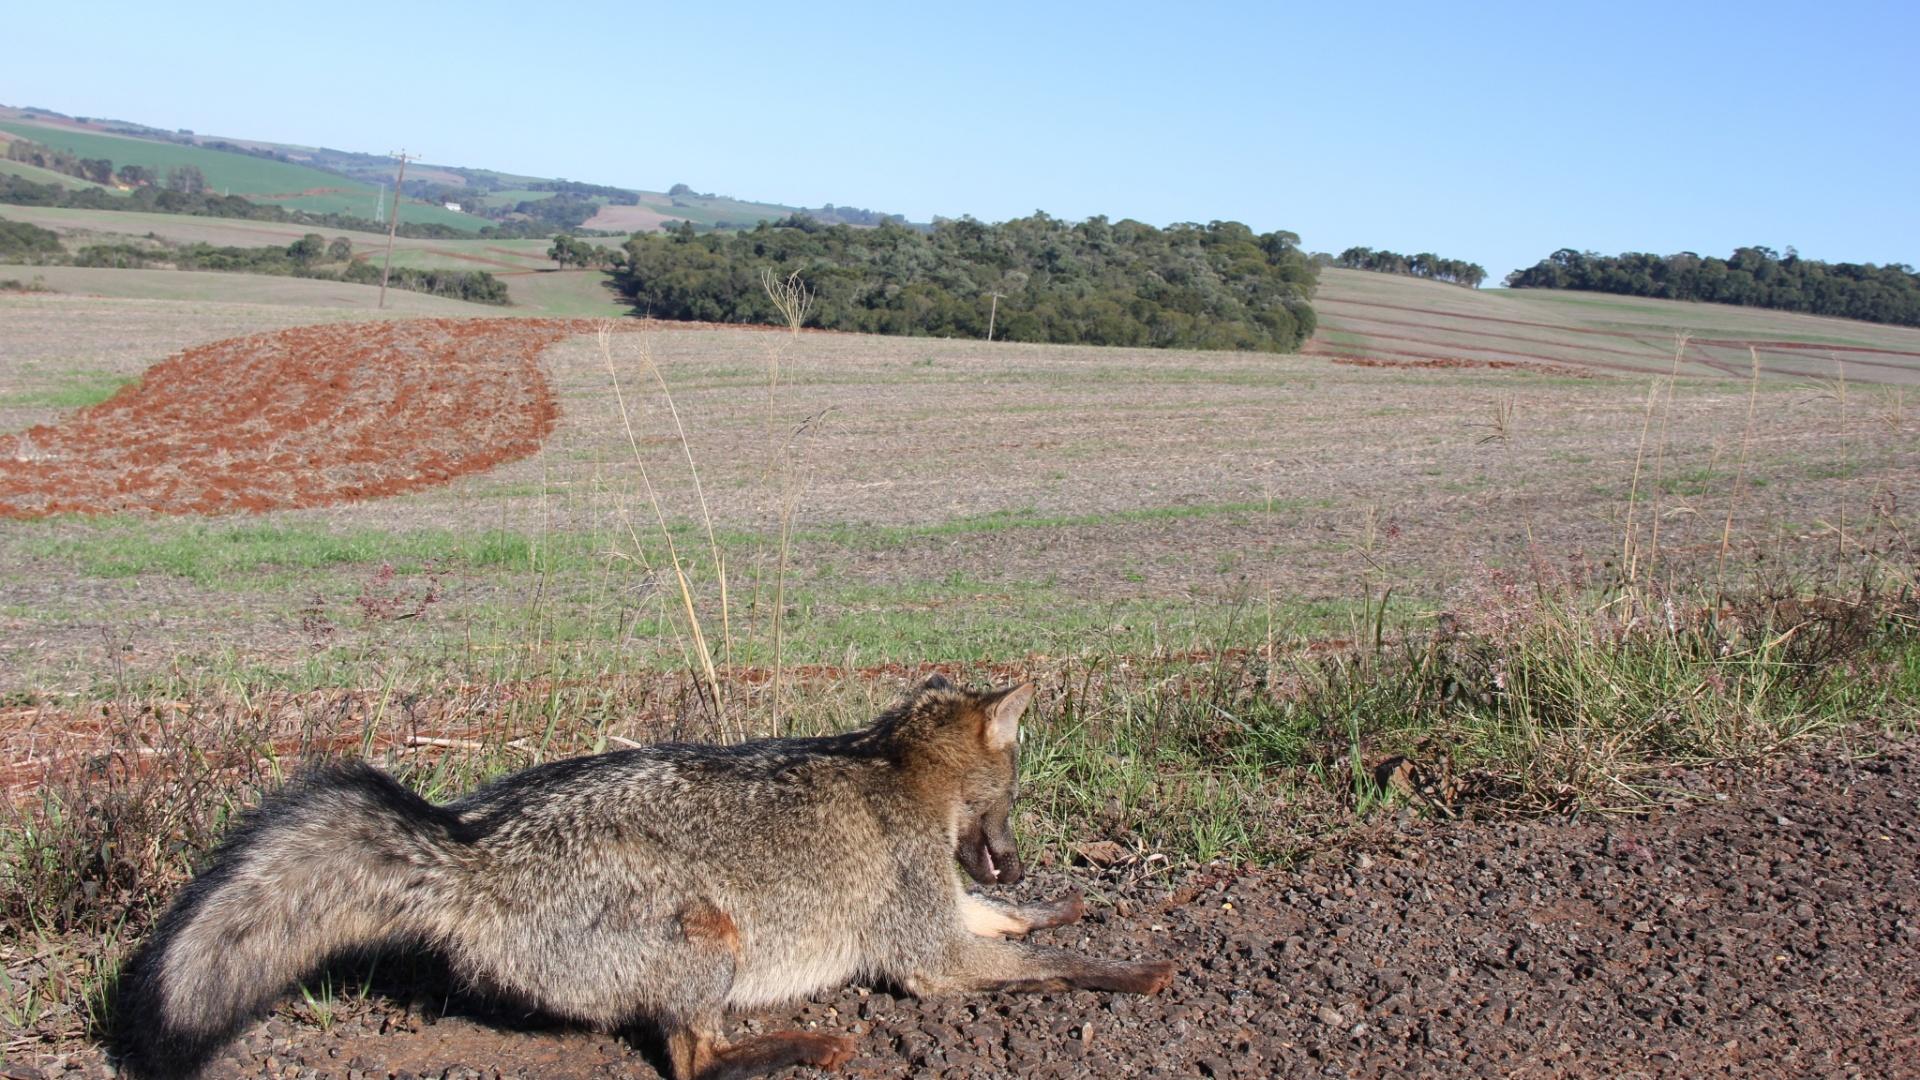 7.jun.2012 - Graxaim (tipo de cão silvestre) morre congelado em Getúlio Vargas (RS)